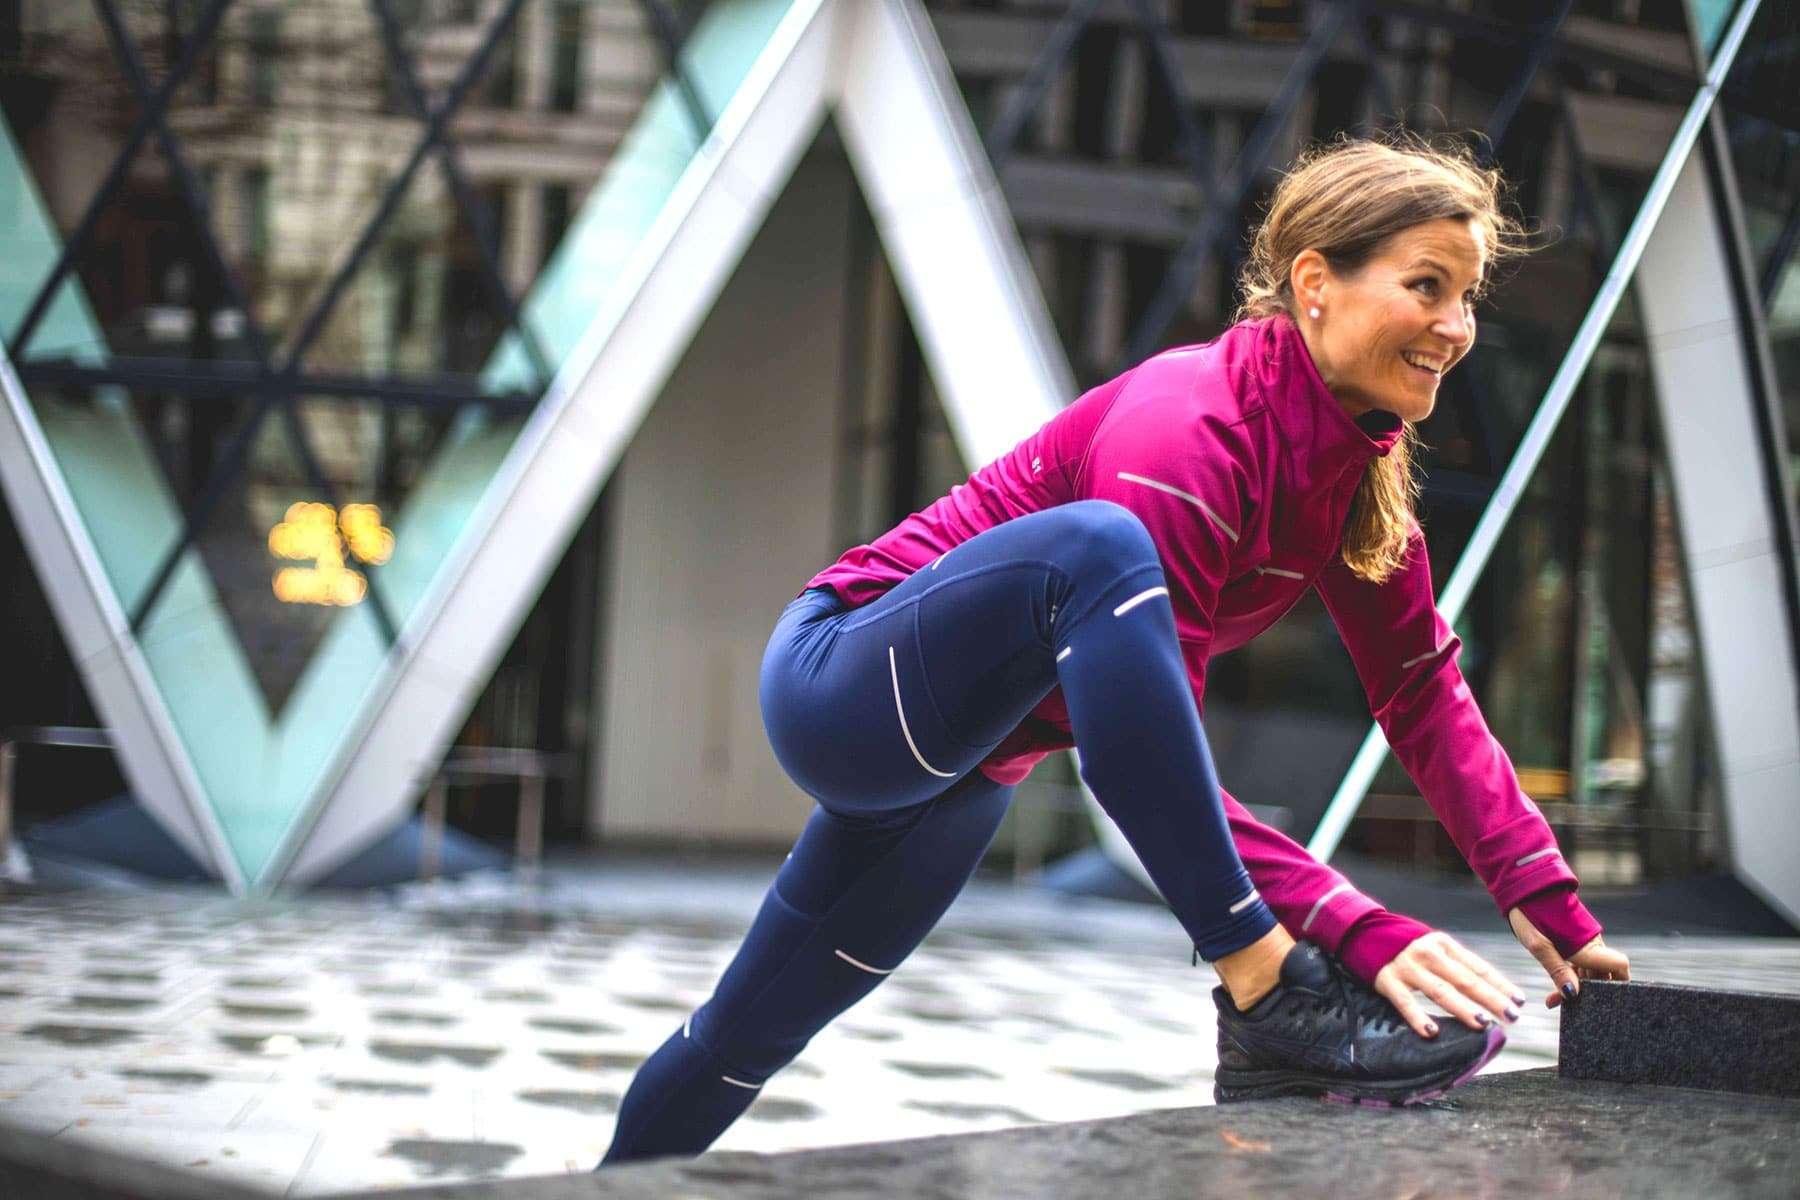 3-tablas-ejercicios-recuperar-linea-adelgazar-actifemme-actilife